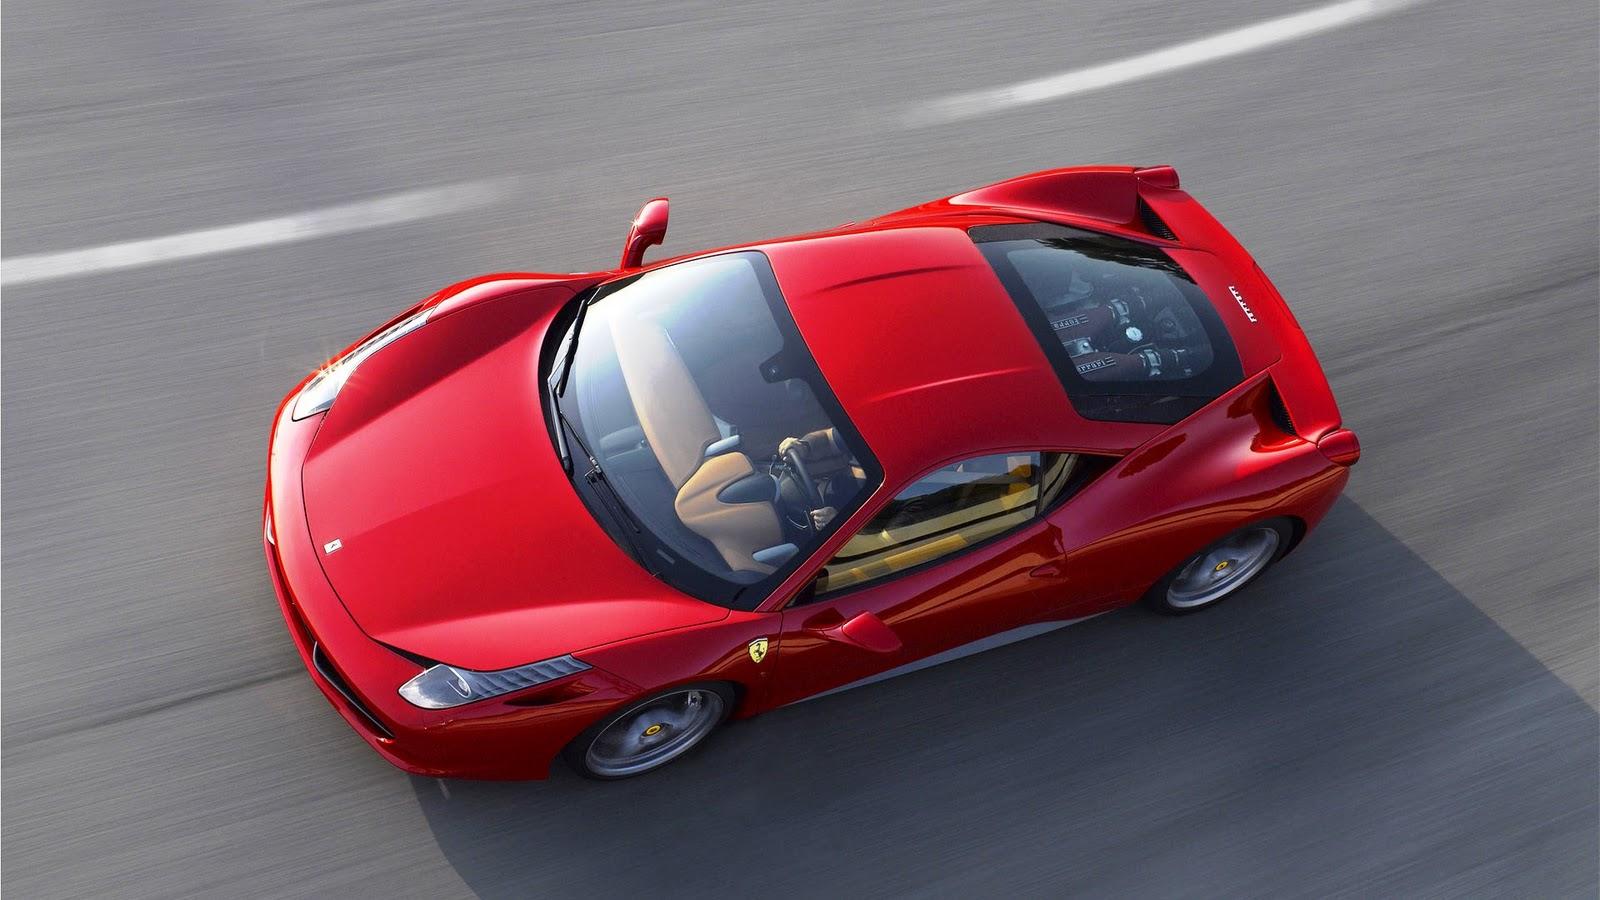 http://1.bp.blogspot.com/--ctj8WRBPFc/TqYY_u-0PRI/AAAAAAAAAoI/XVDsFR5YX8c/s1600/Ferrari_458_Italiax_2011_08.jpg